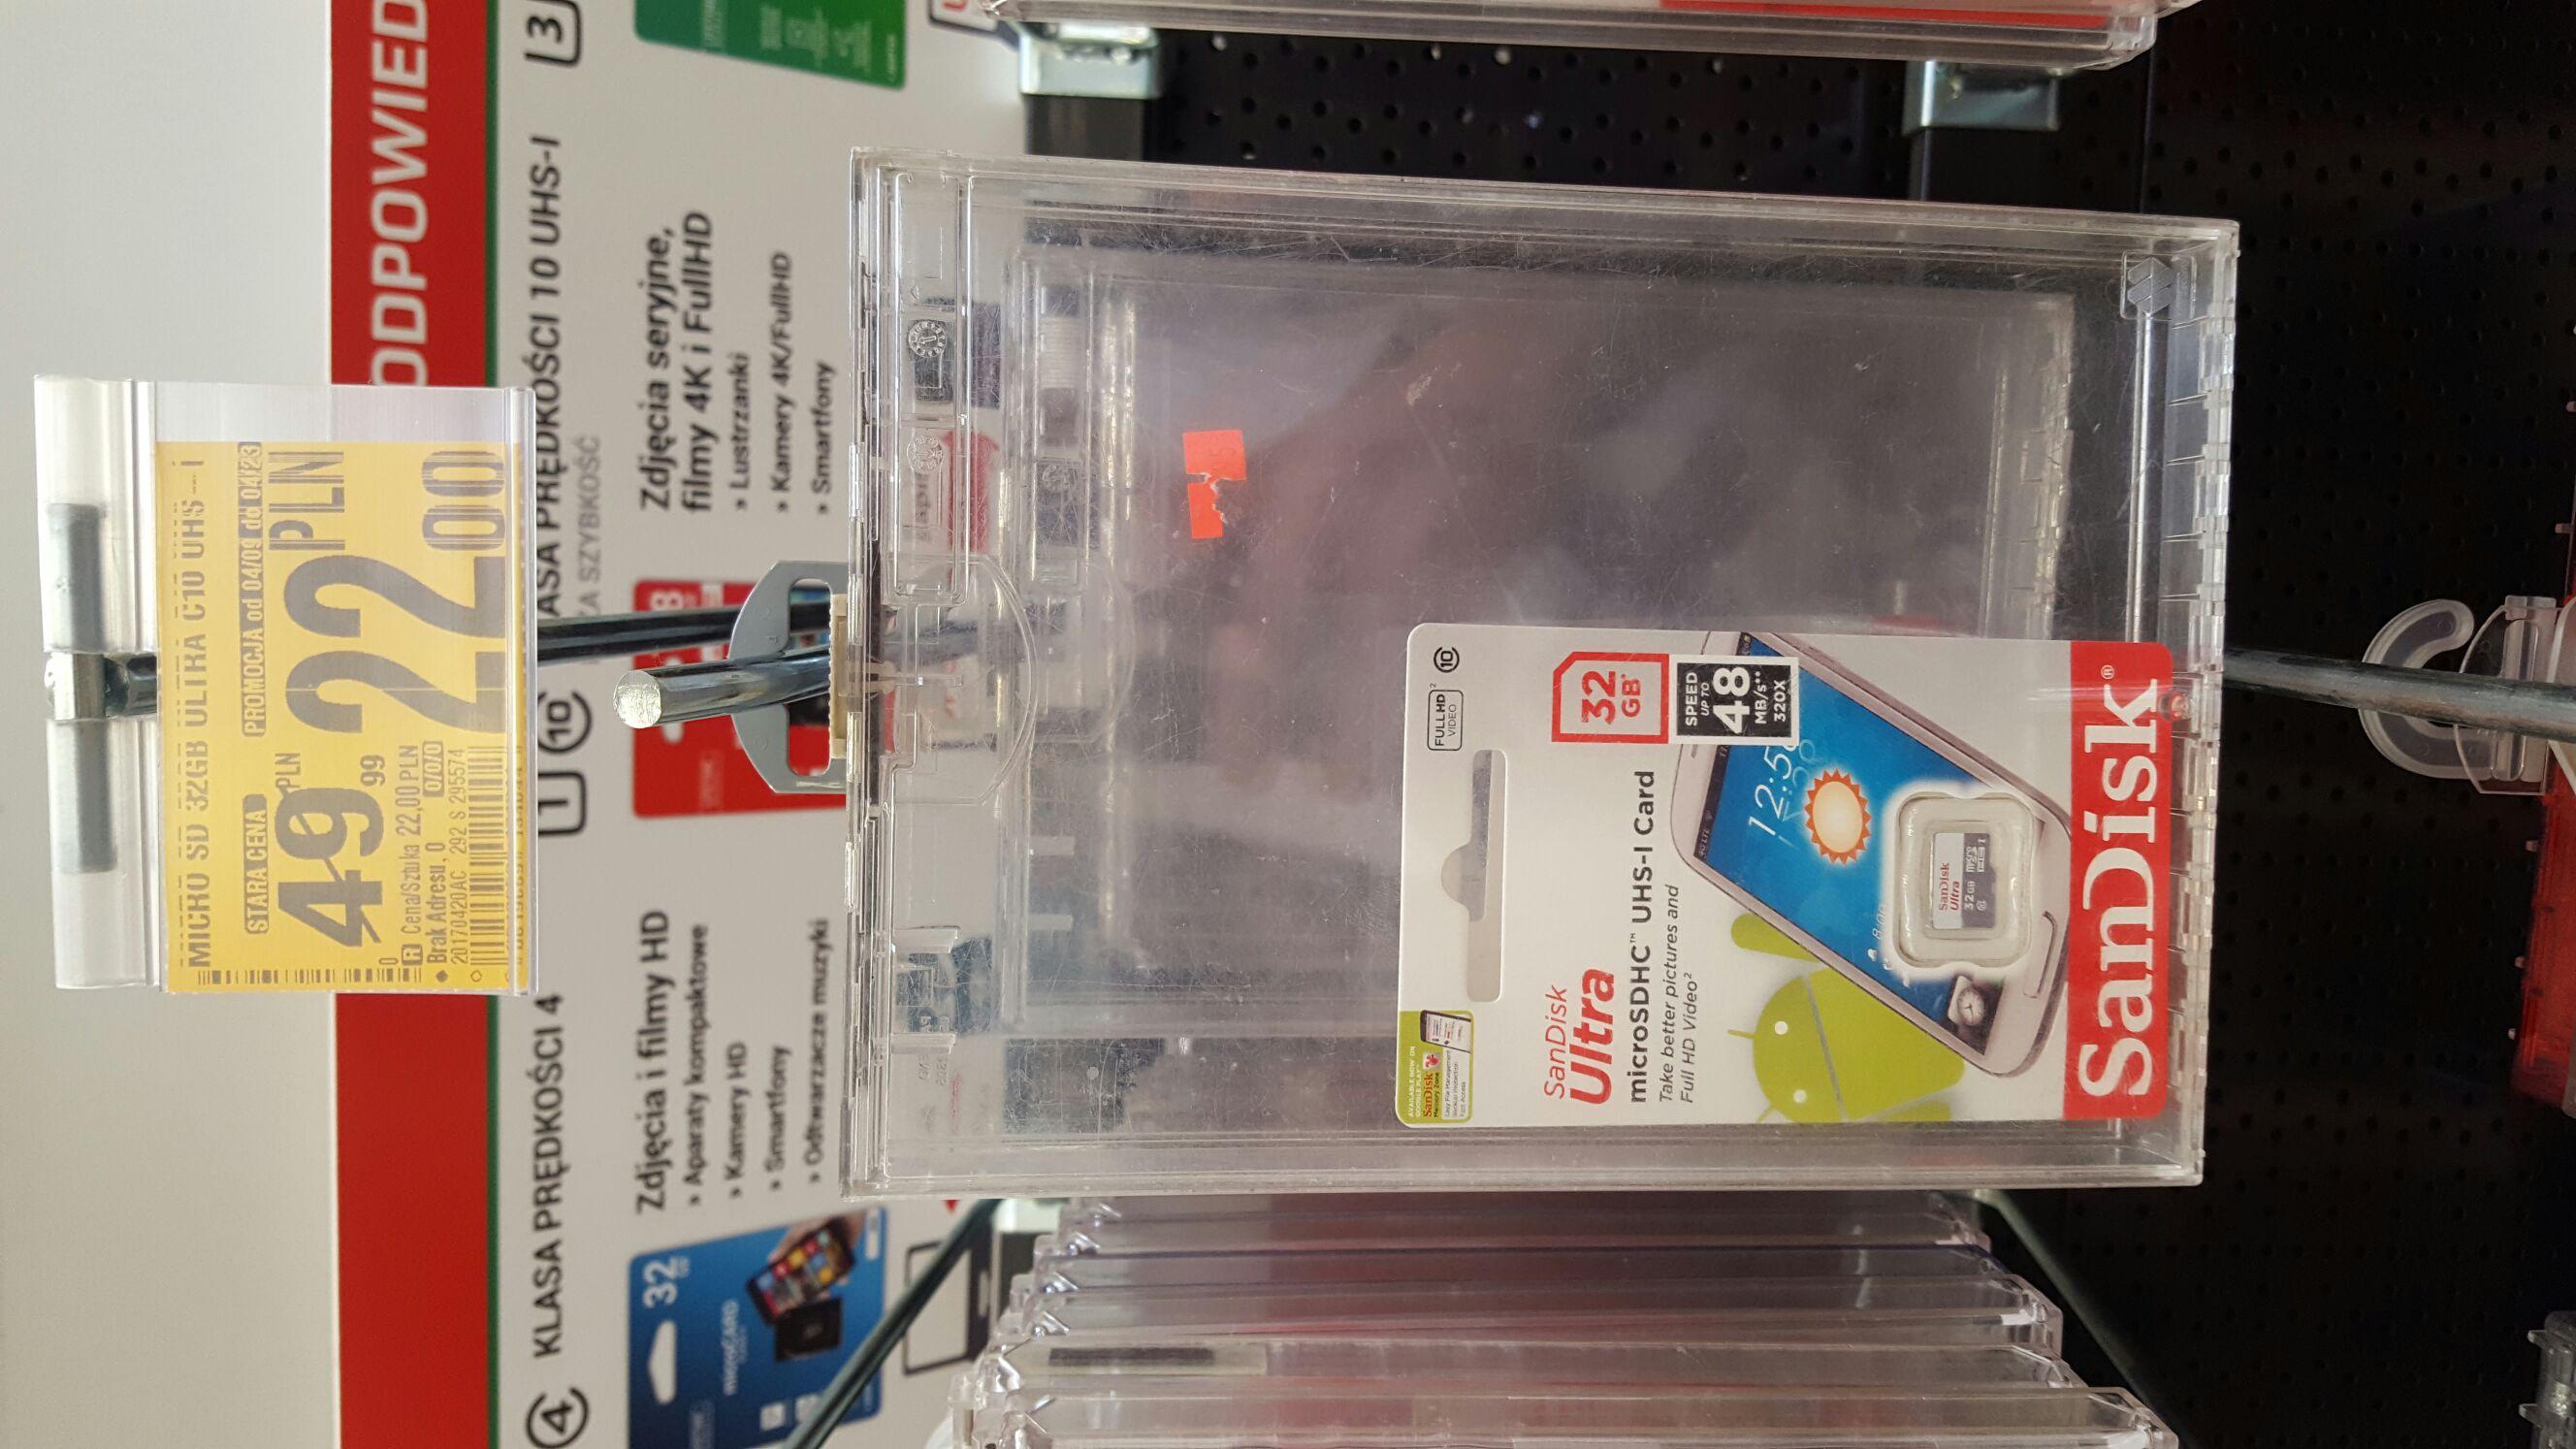 Extra cena! Karta Sandisc Ultra 32GB w najlepszej cenie (Auchan - Warszawa Ursynów)